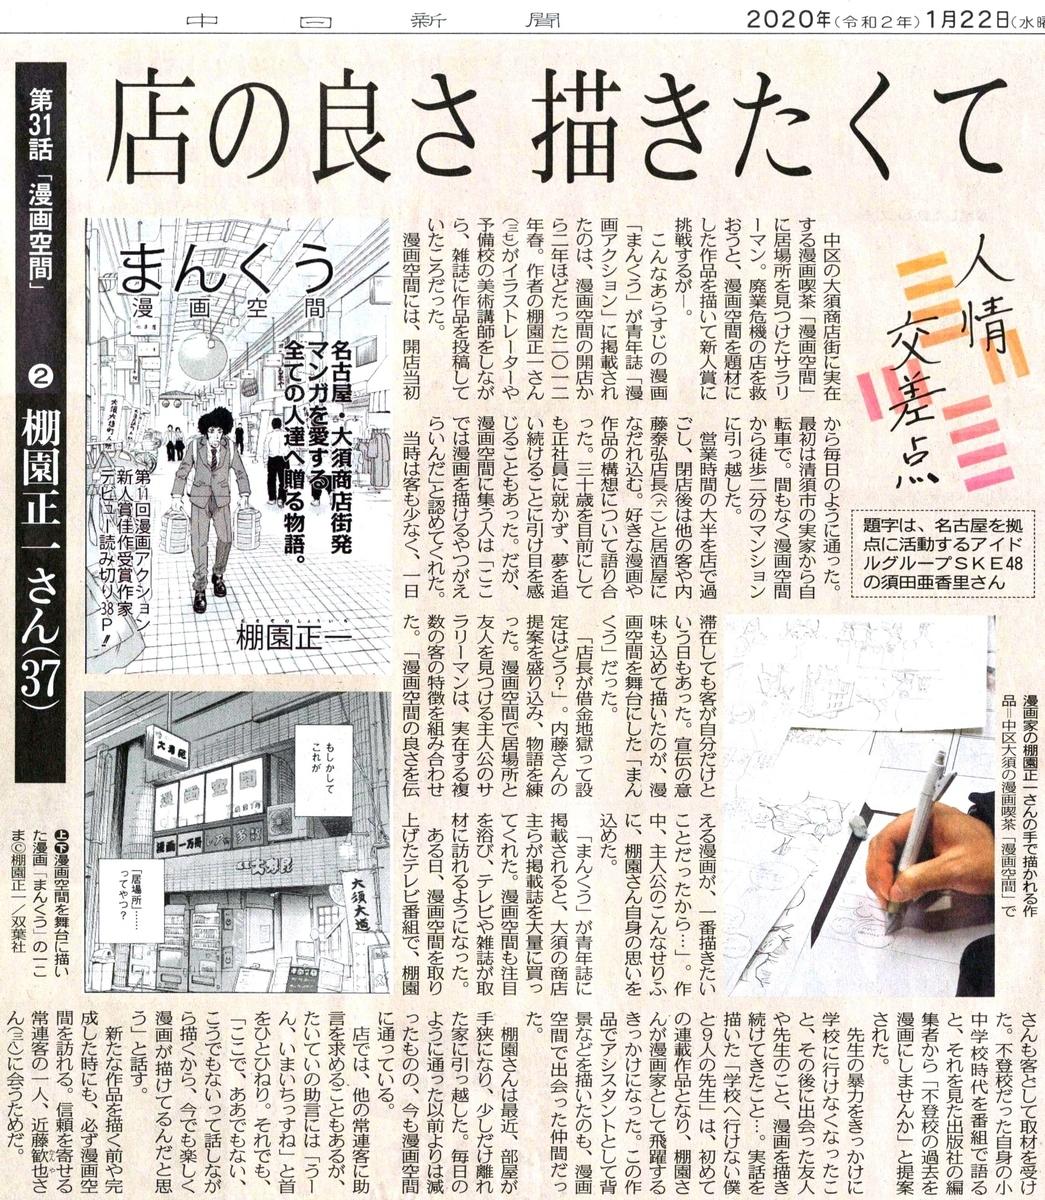 2020-01-22 中日新聞 人情交差点 漫画空間